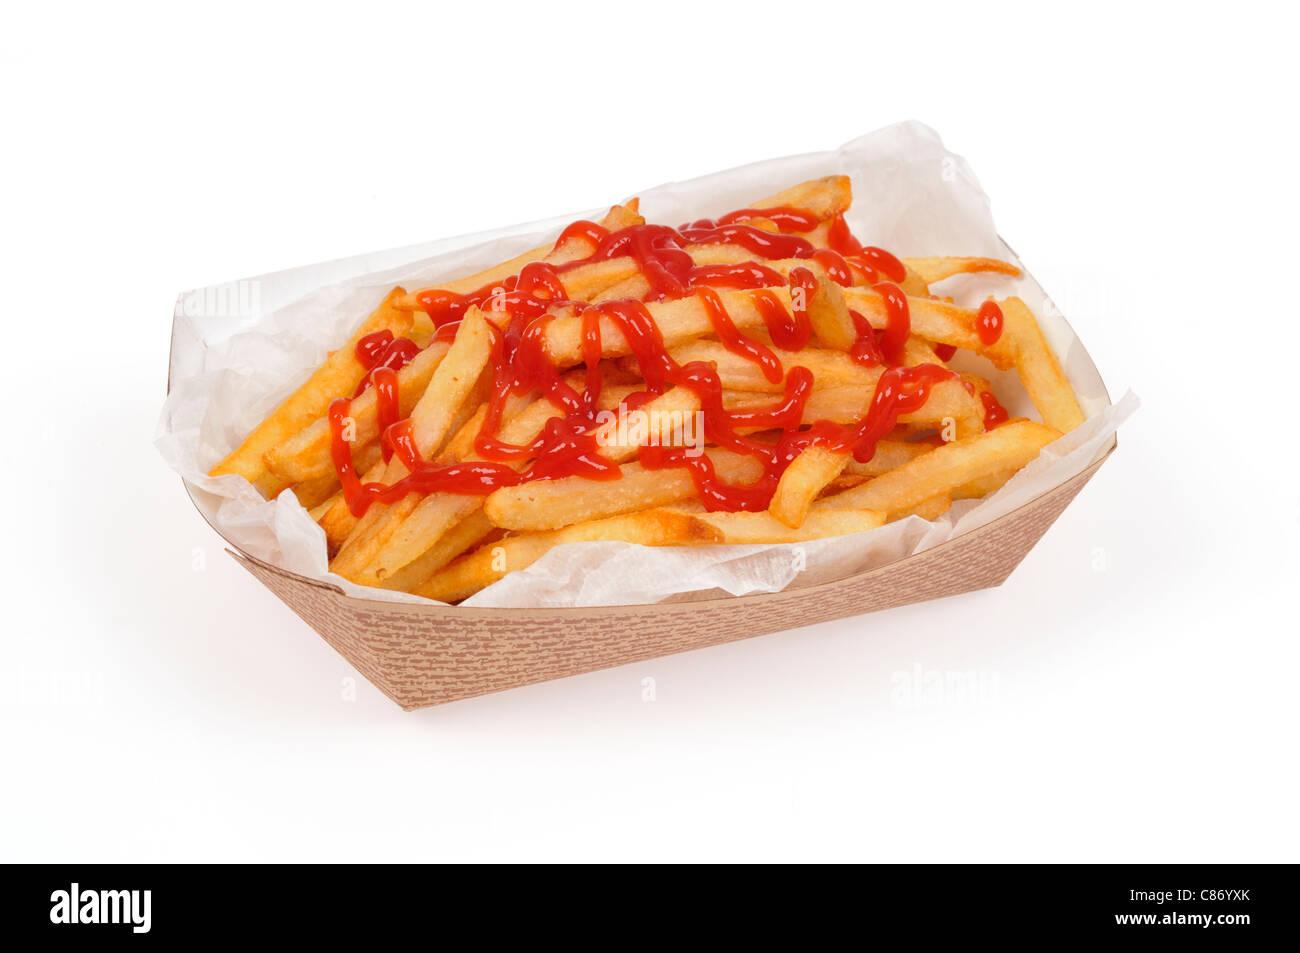 Papier Korb von Takeaway Pommes-frites oder Pommes mit Ketchup über Sie auf weißem Hintergrund, ausgeschnitten. Stockbild